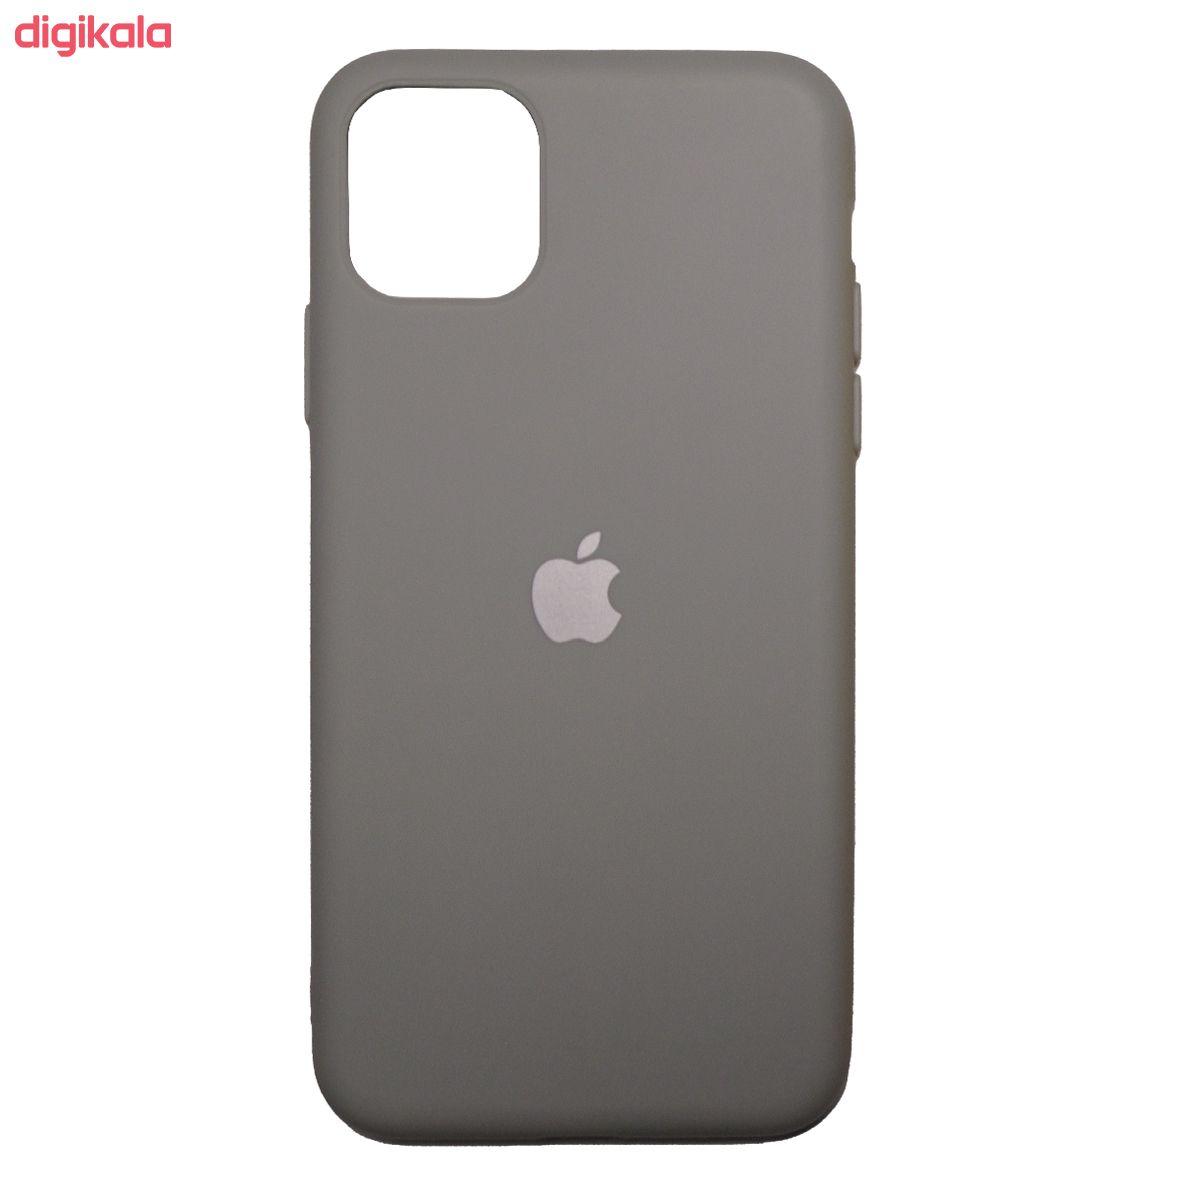 کاور مدل SC مناسب برای گوشی موبایل اپل Iphone 11 Pro Max main 1 3